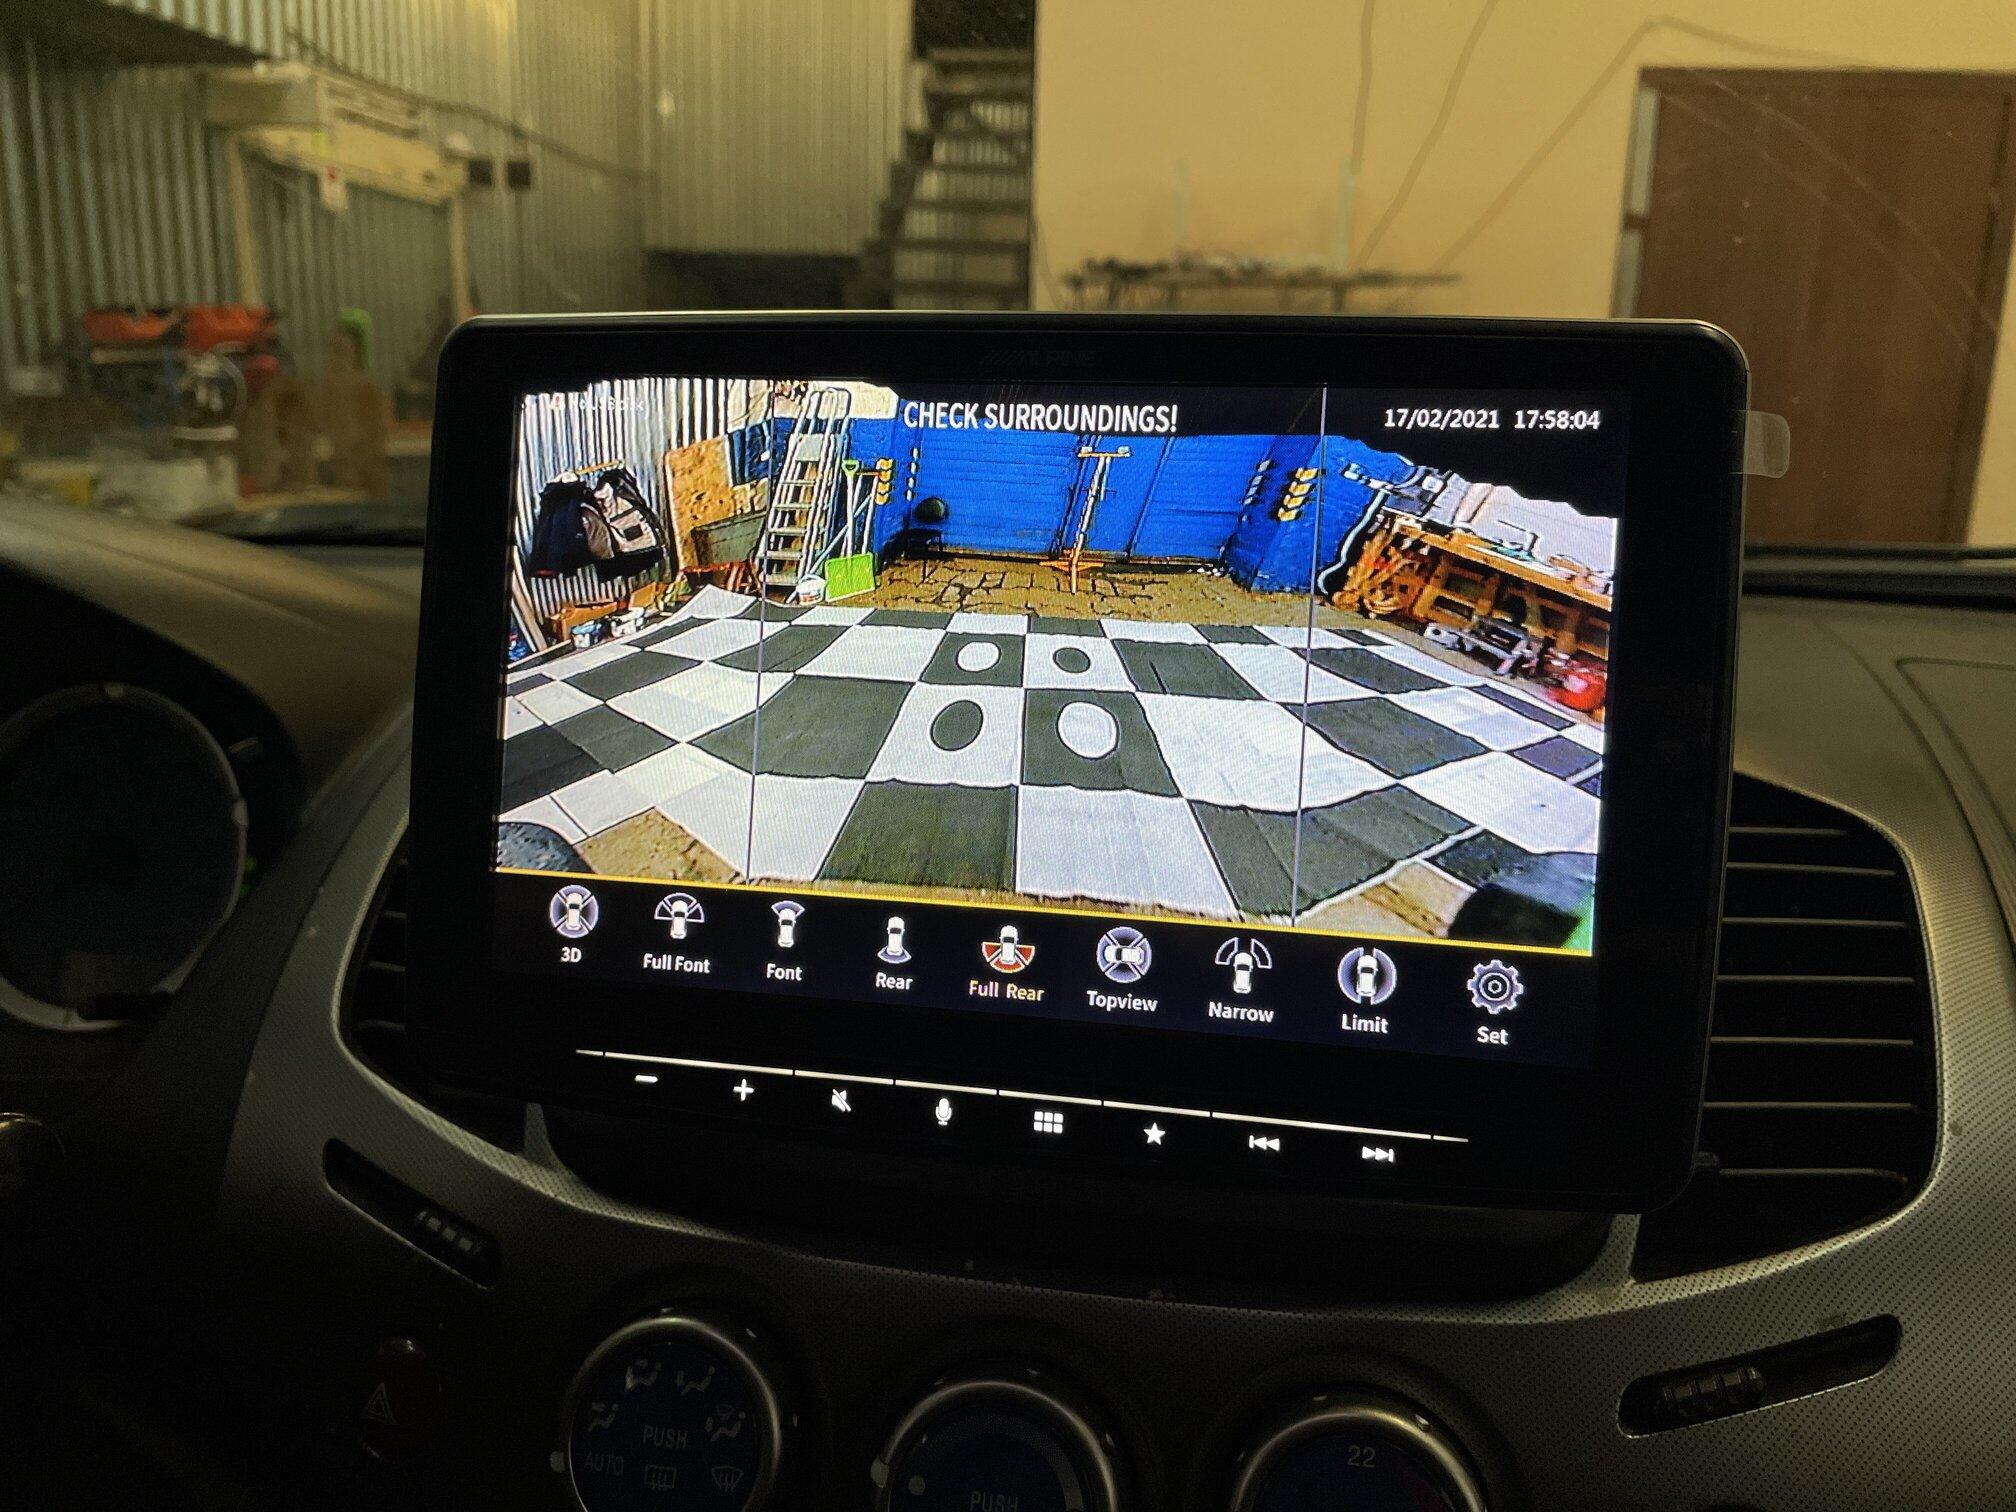 система кругового обзора 3D STICK BIRDVIEW 360